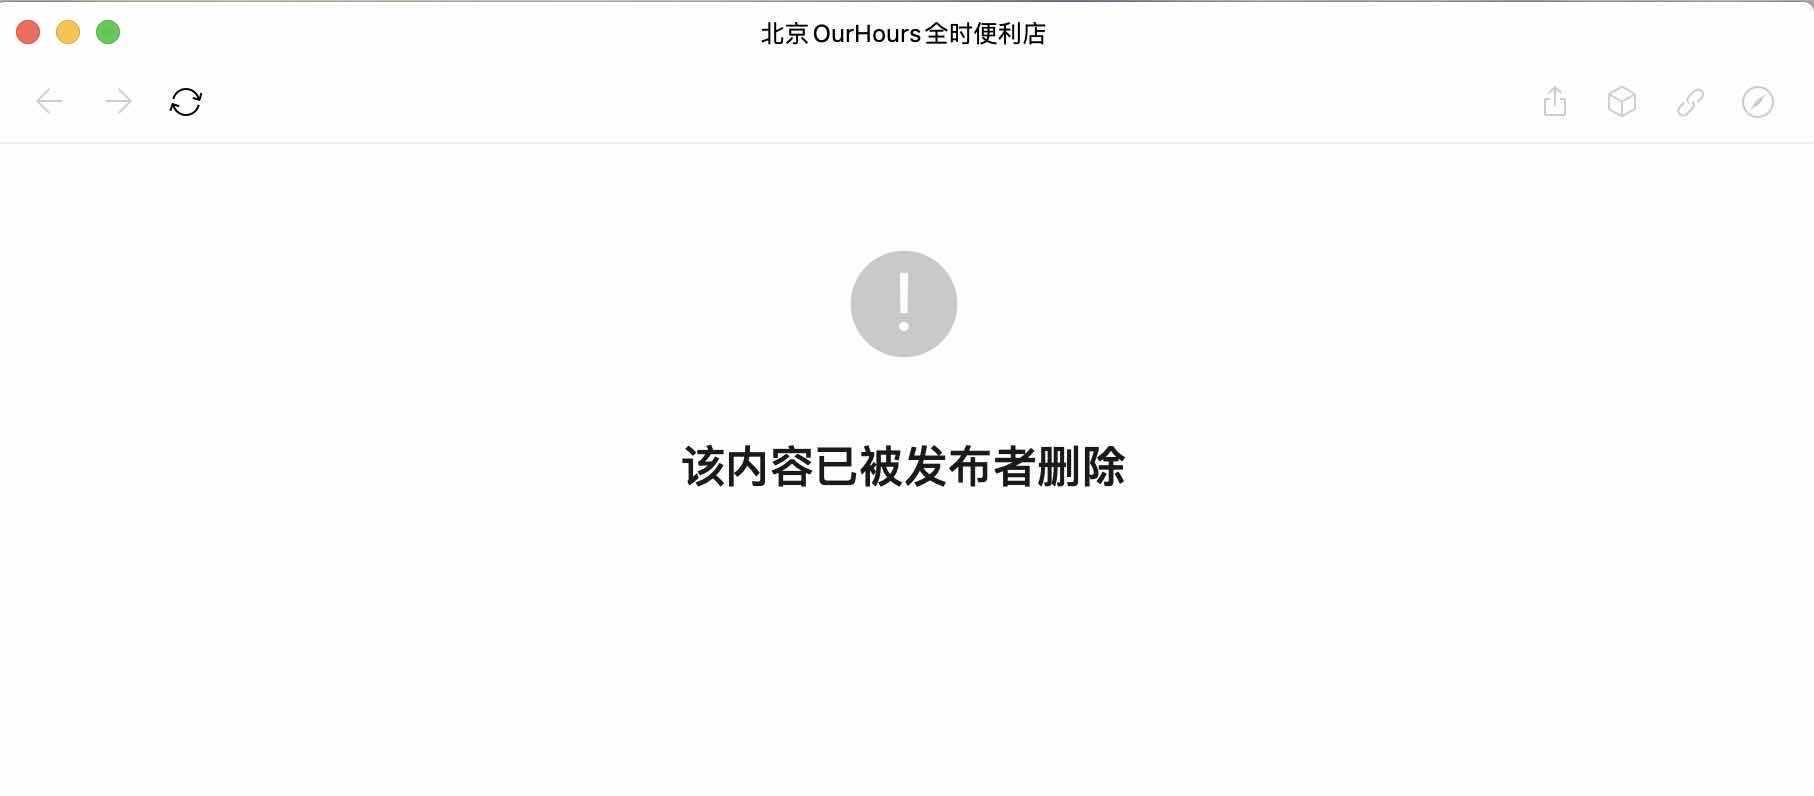 全时便利店北京门店将全面停业 被拆分转卖